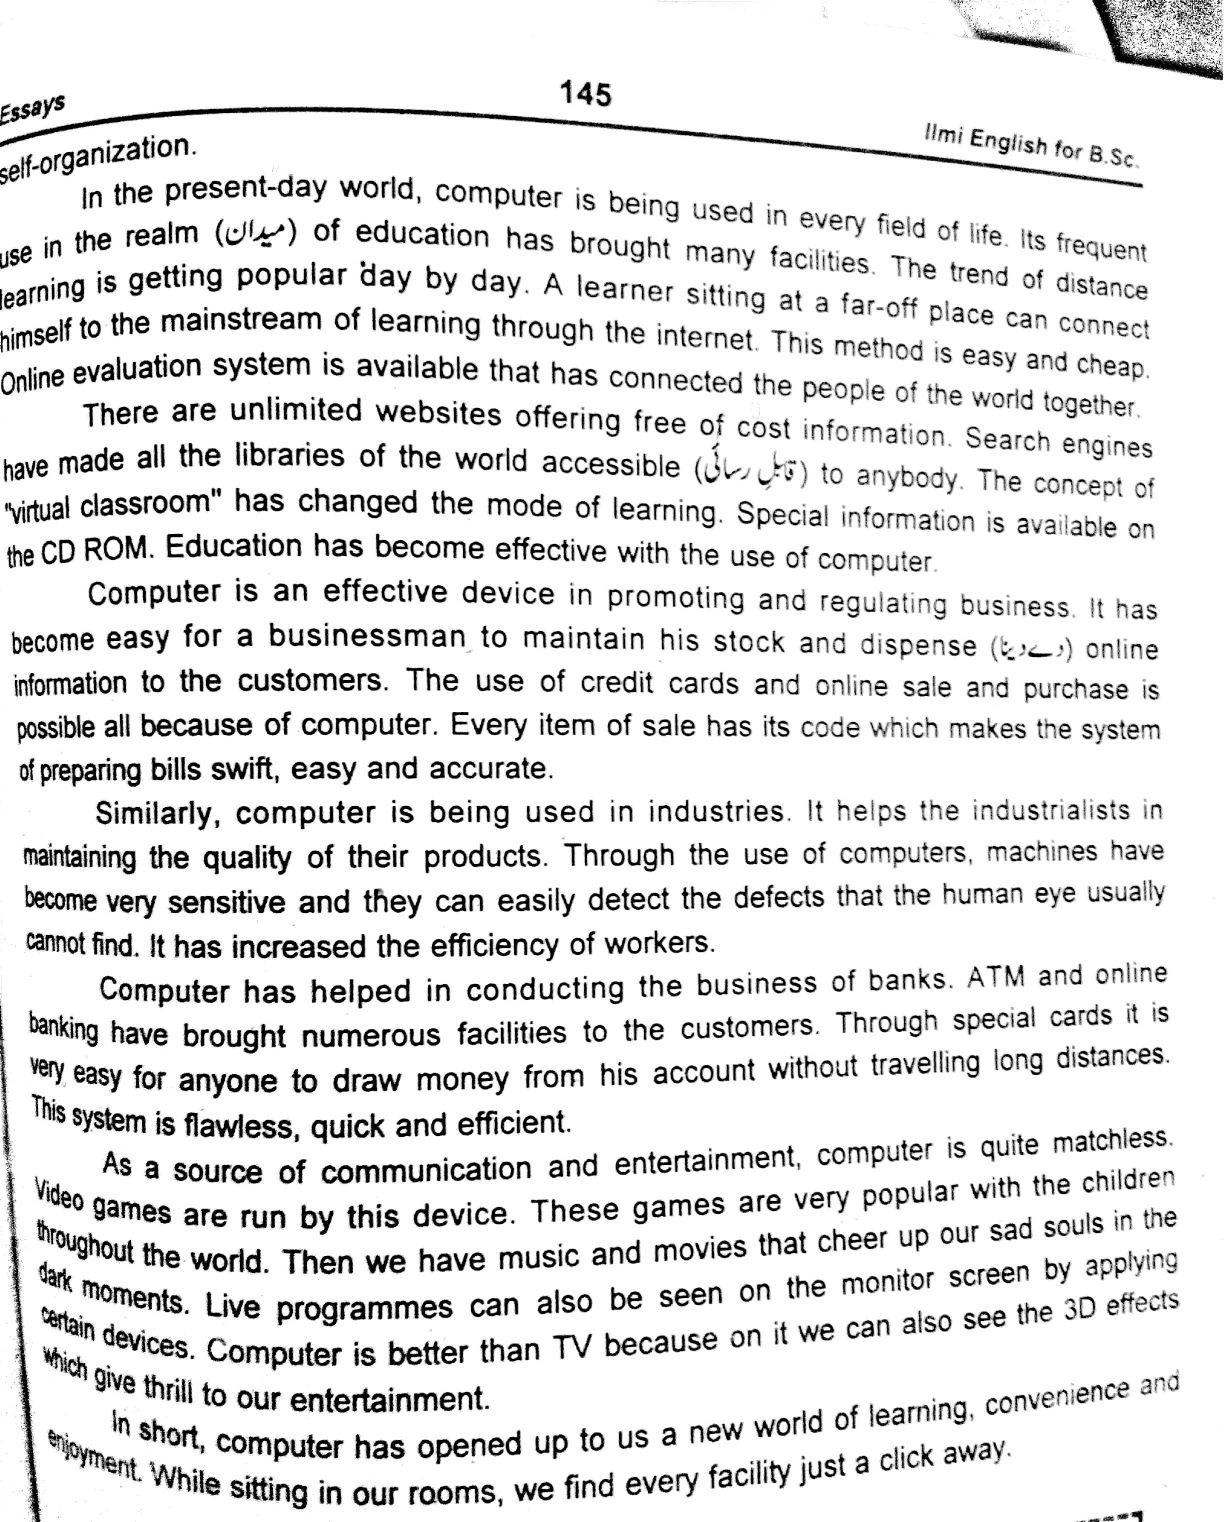 computer essay topics